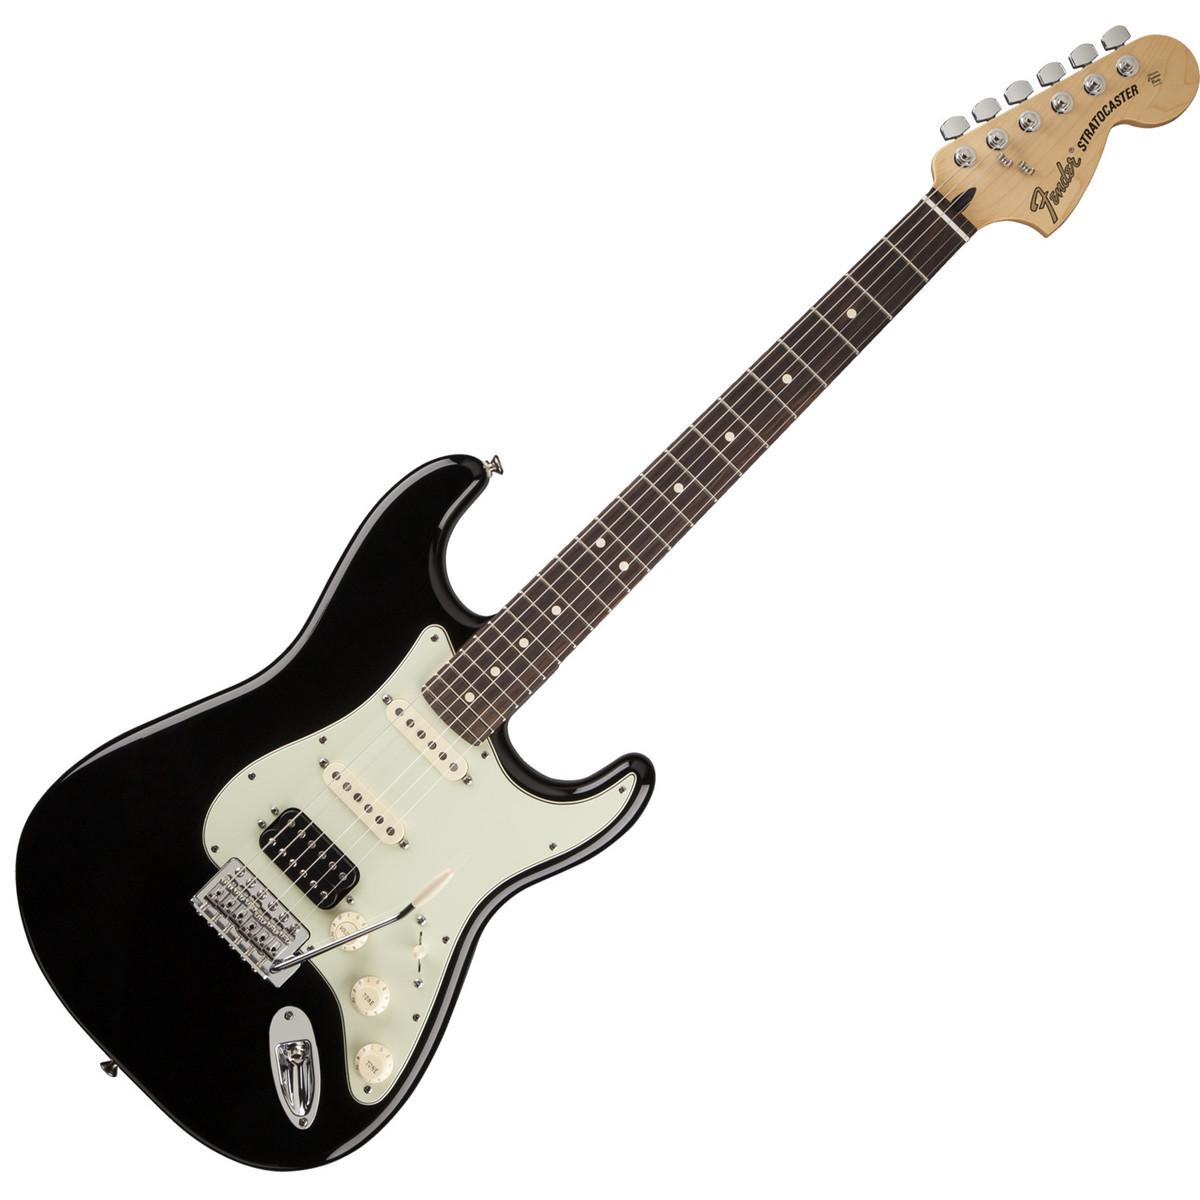 Disc Fender Deluxe Lonestar Stratocaster Black At